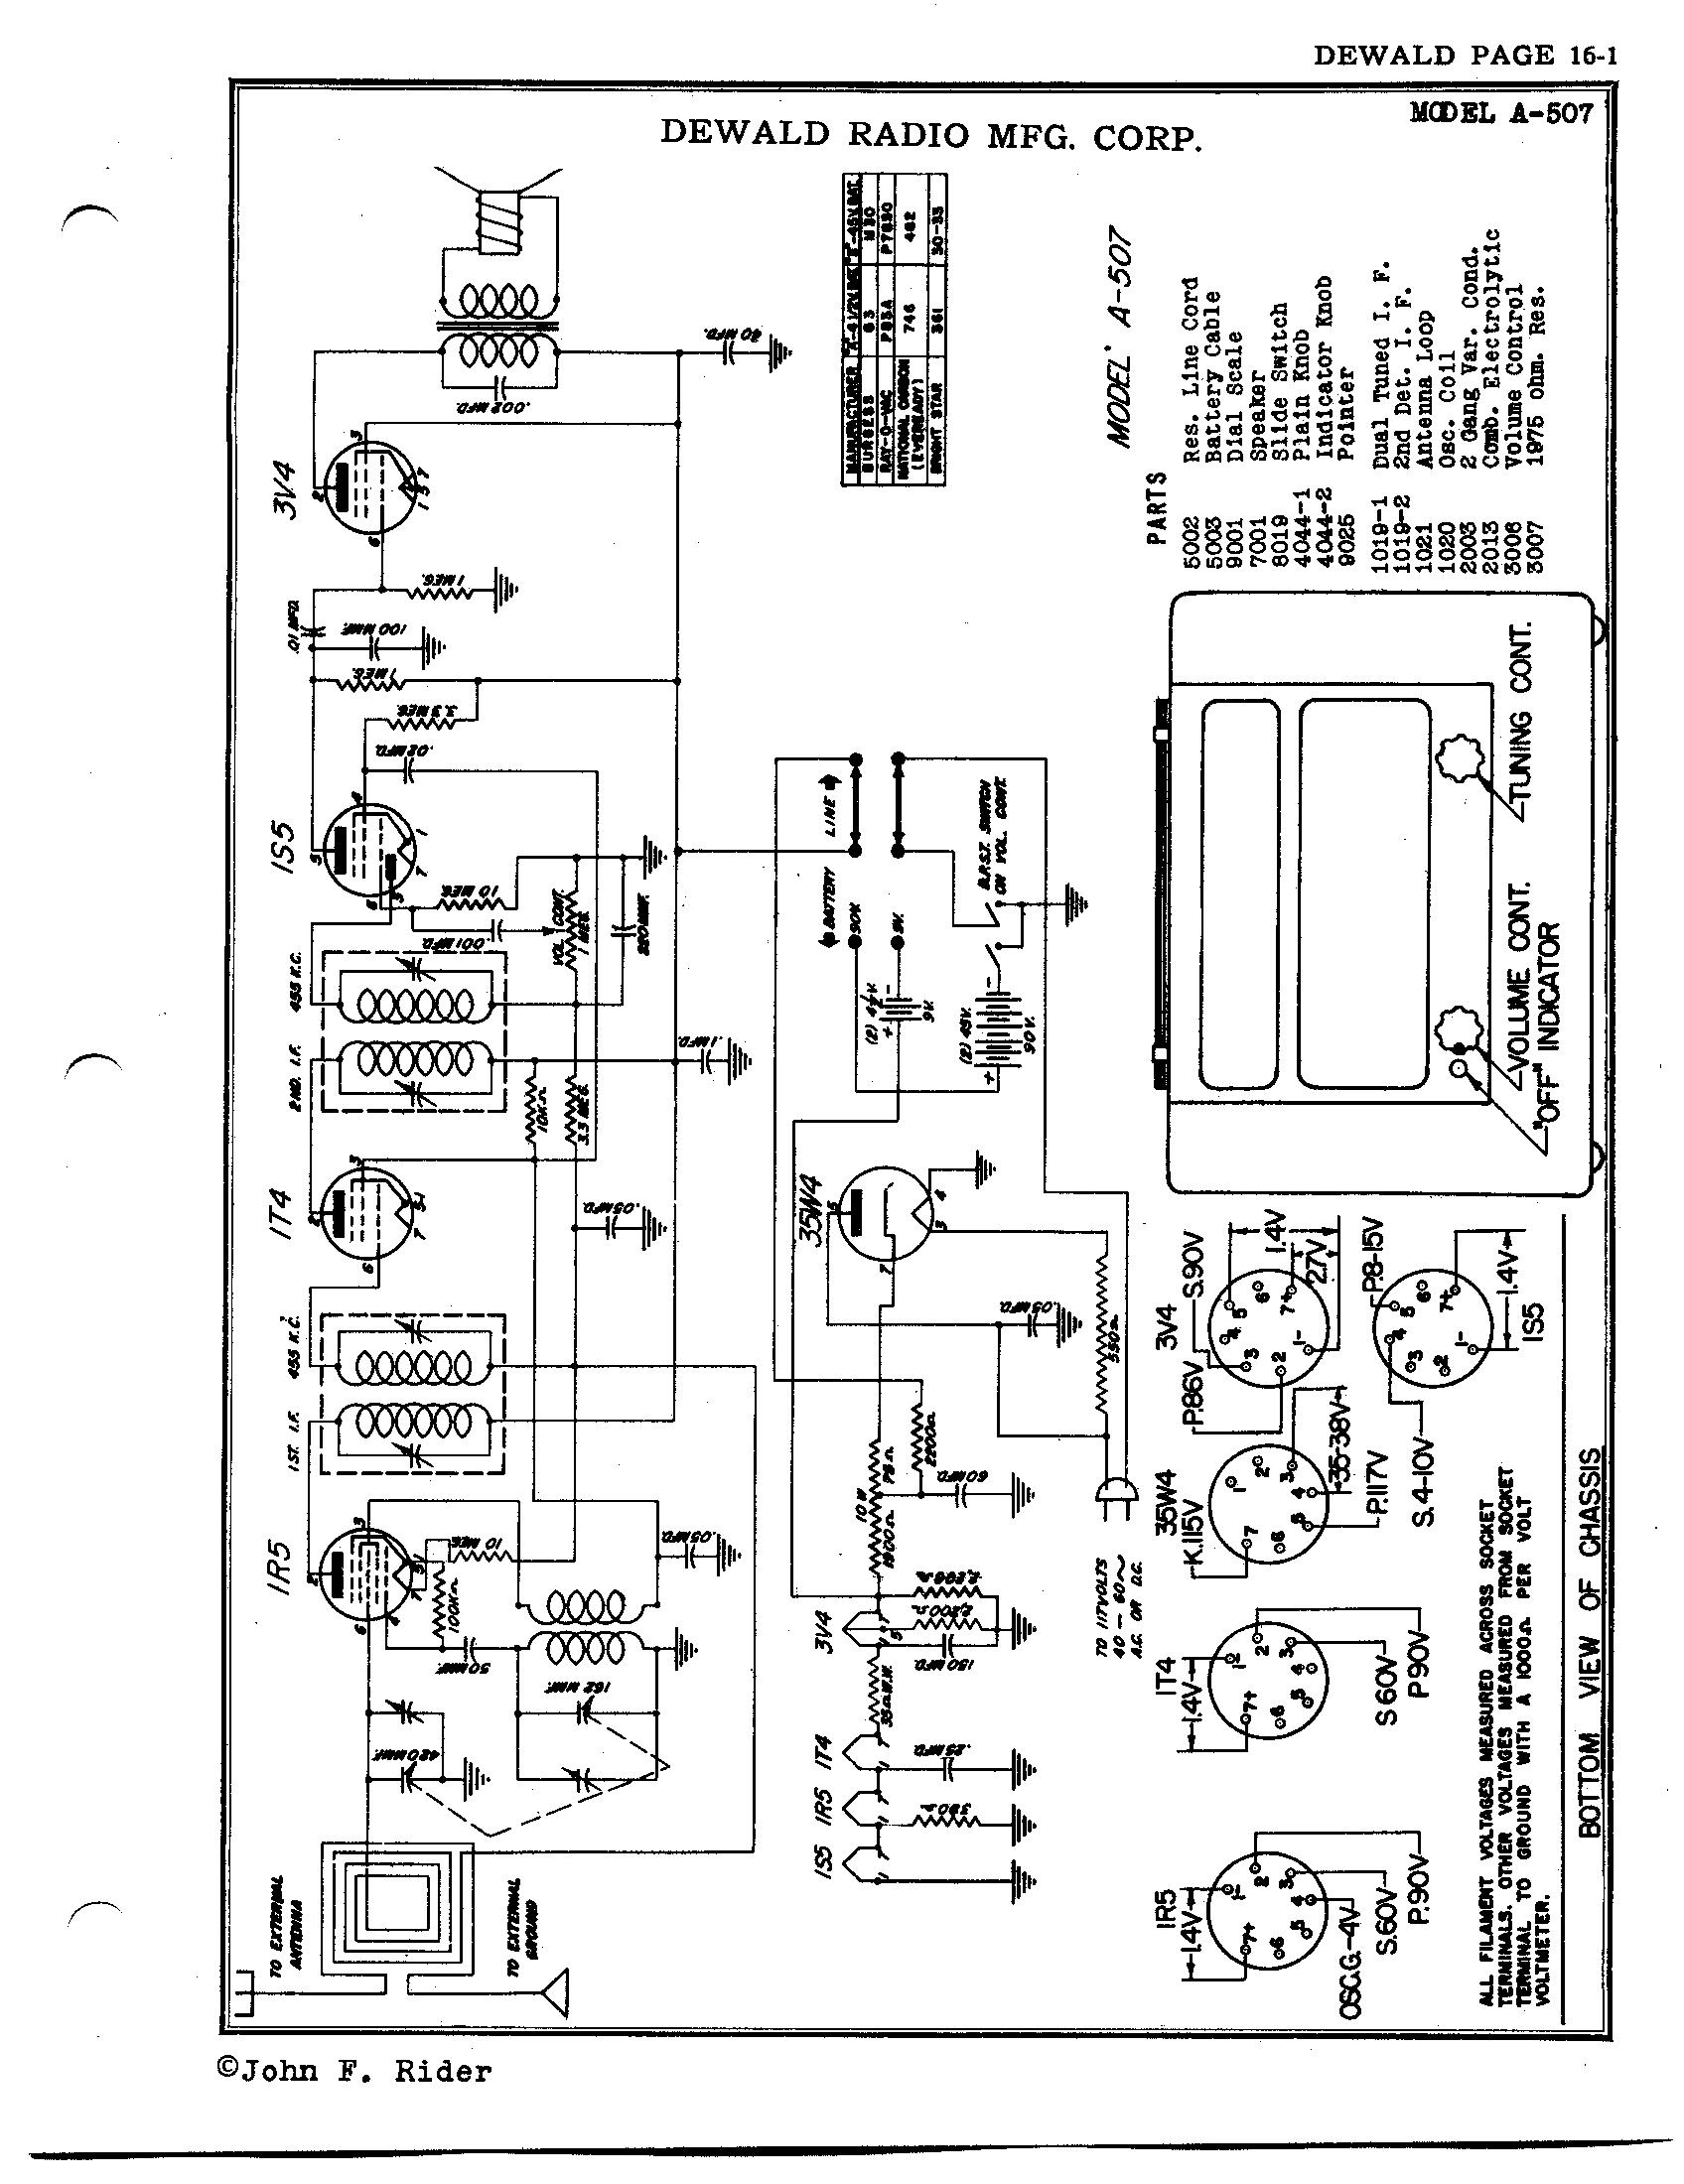 dewald radio mfg  corp  a